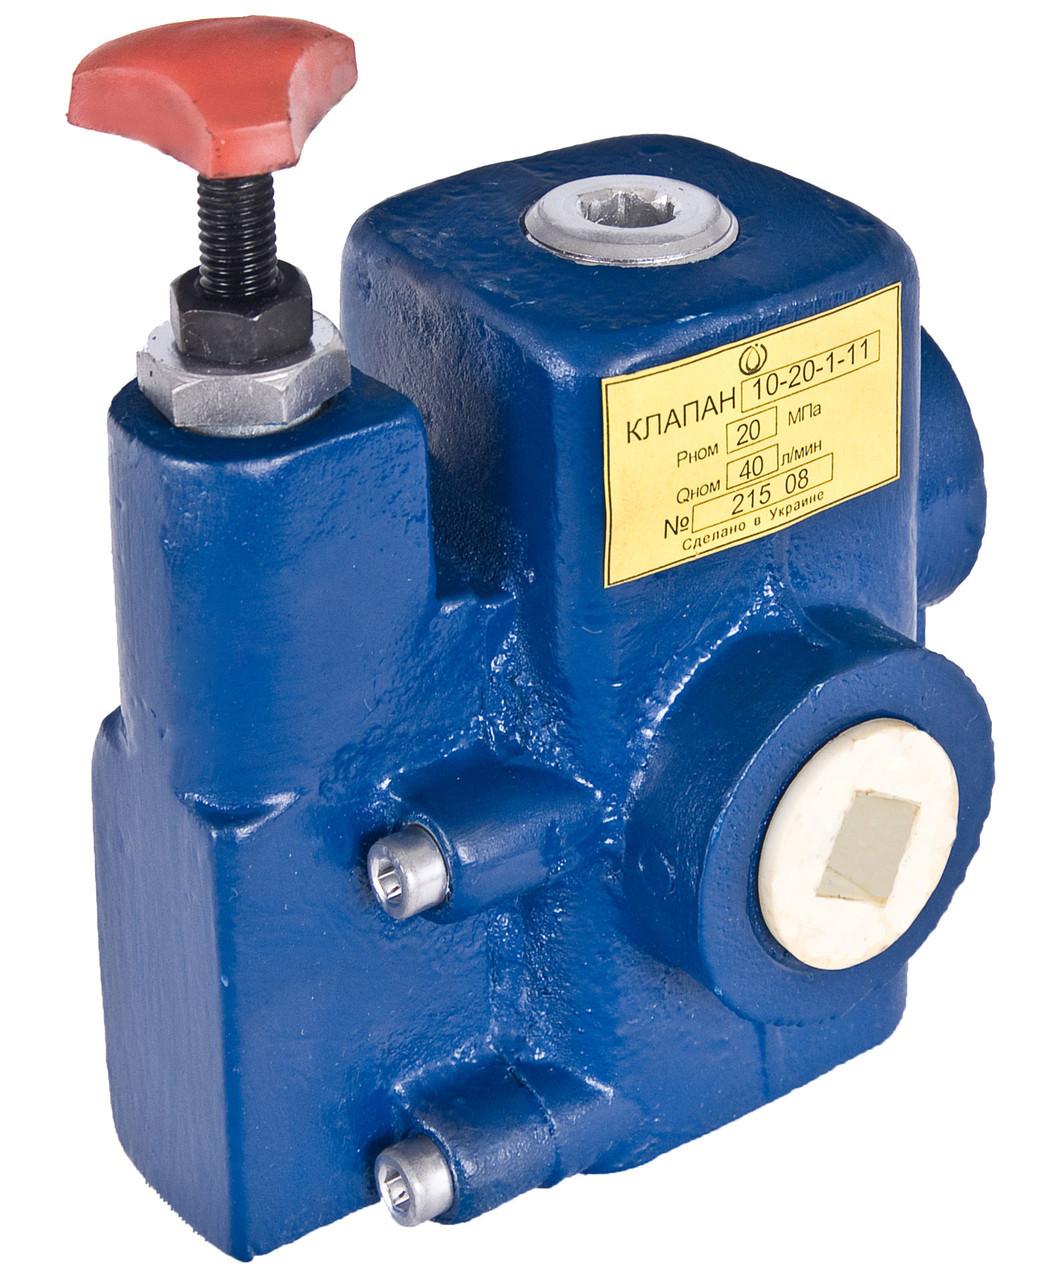 Гідроклапан М-КП 20-32-2-11